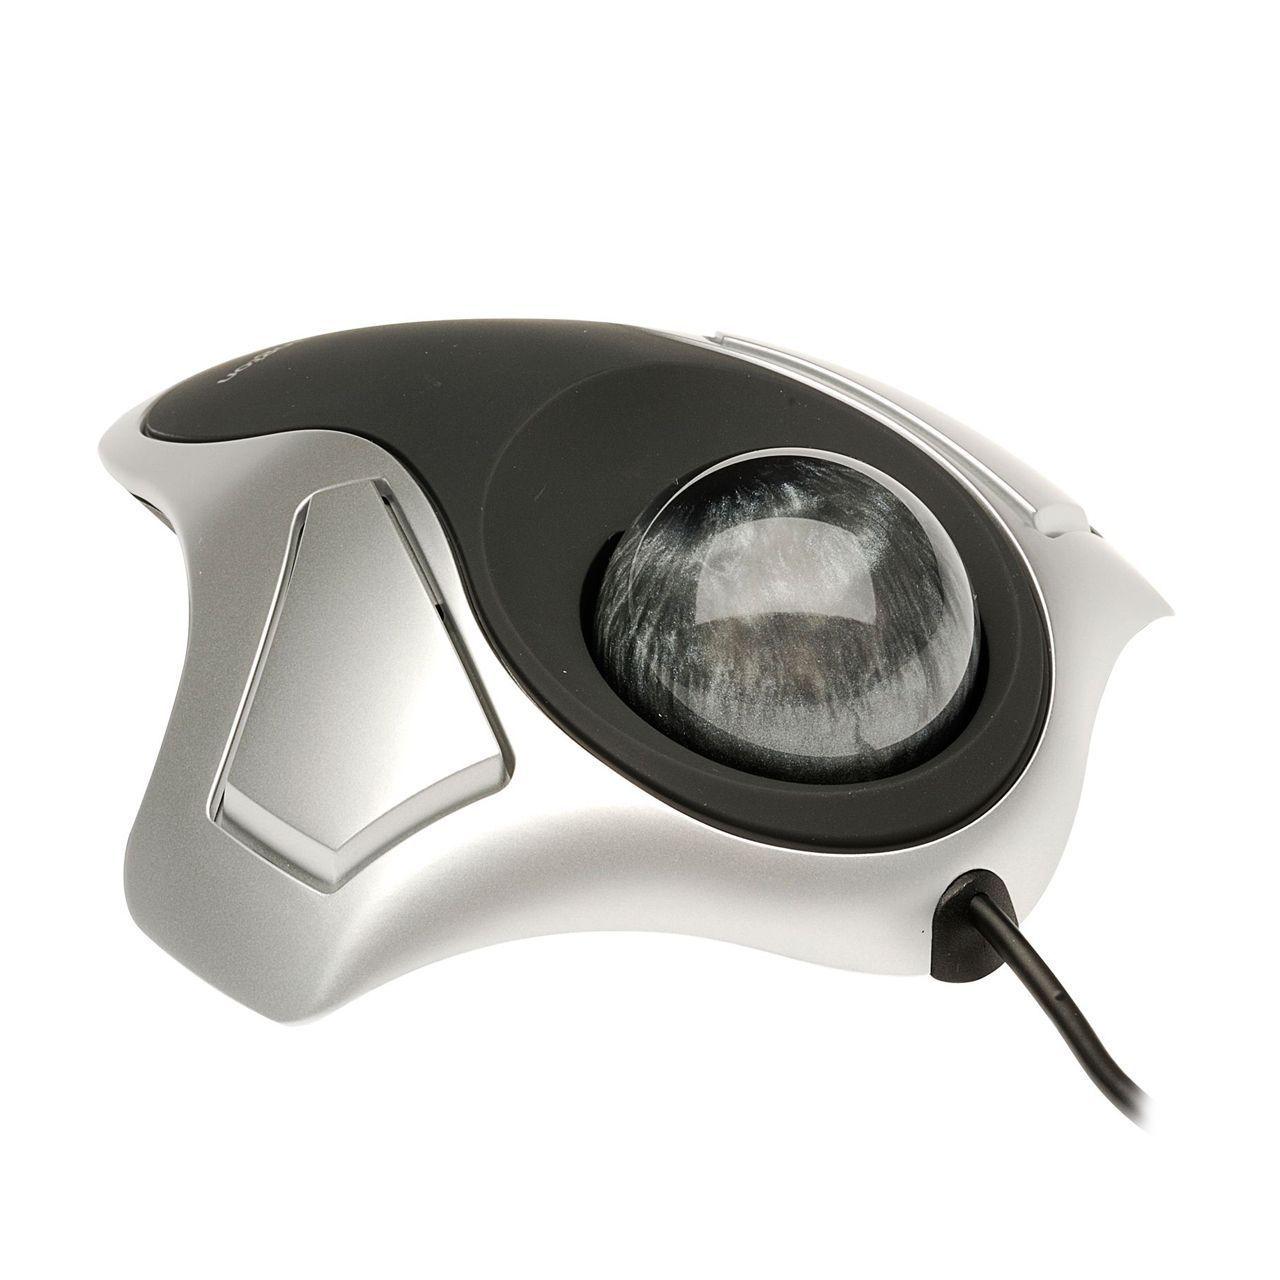 Orbit Optical Trackball ERKAORB300 voorkant